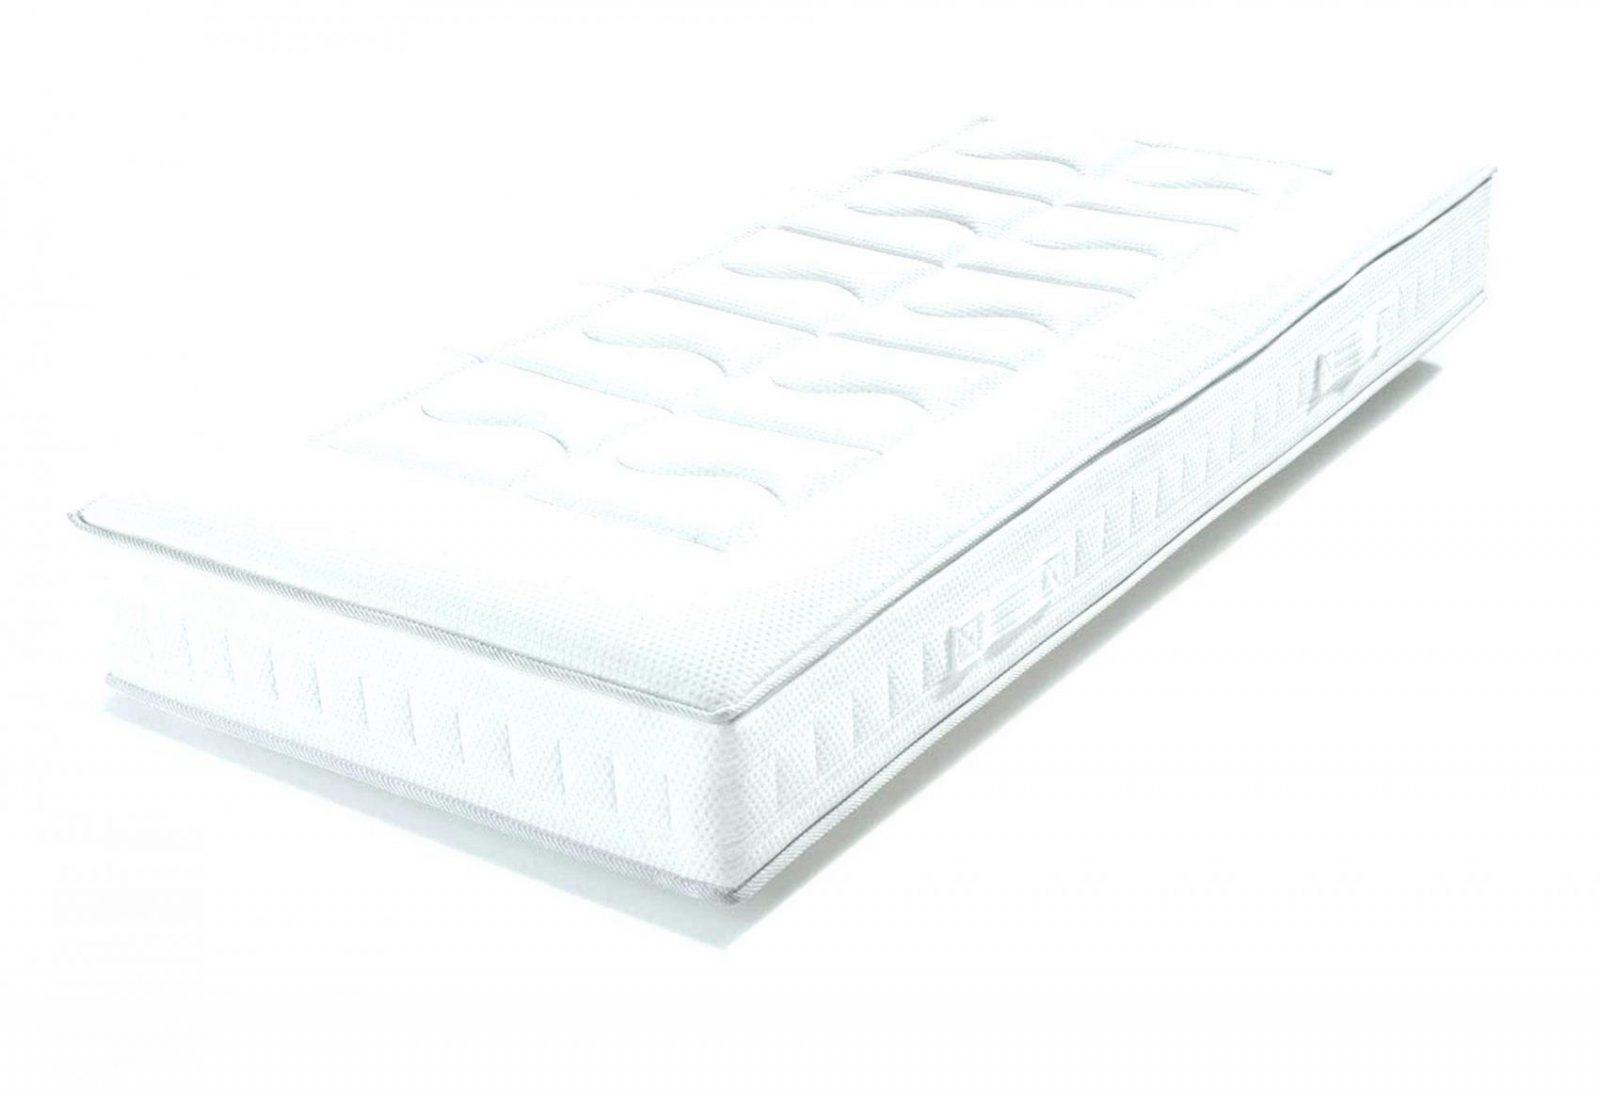 """Dormia Matratze Aldi Supercomfort Fantastisch Aldi Matratzen 461073 von Dormia® Qualitäts-Matratze """"Supercomfort 140"""" Bild"""